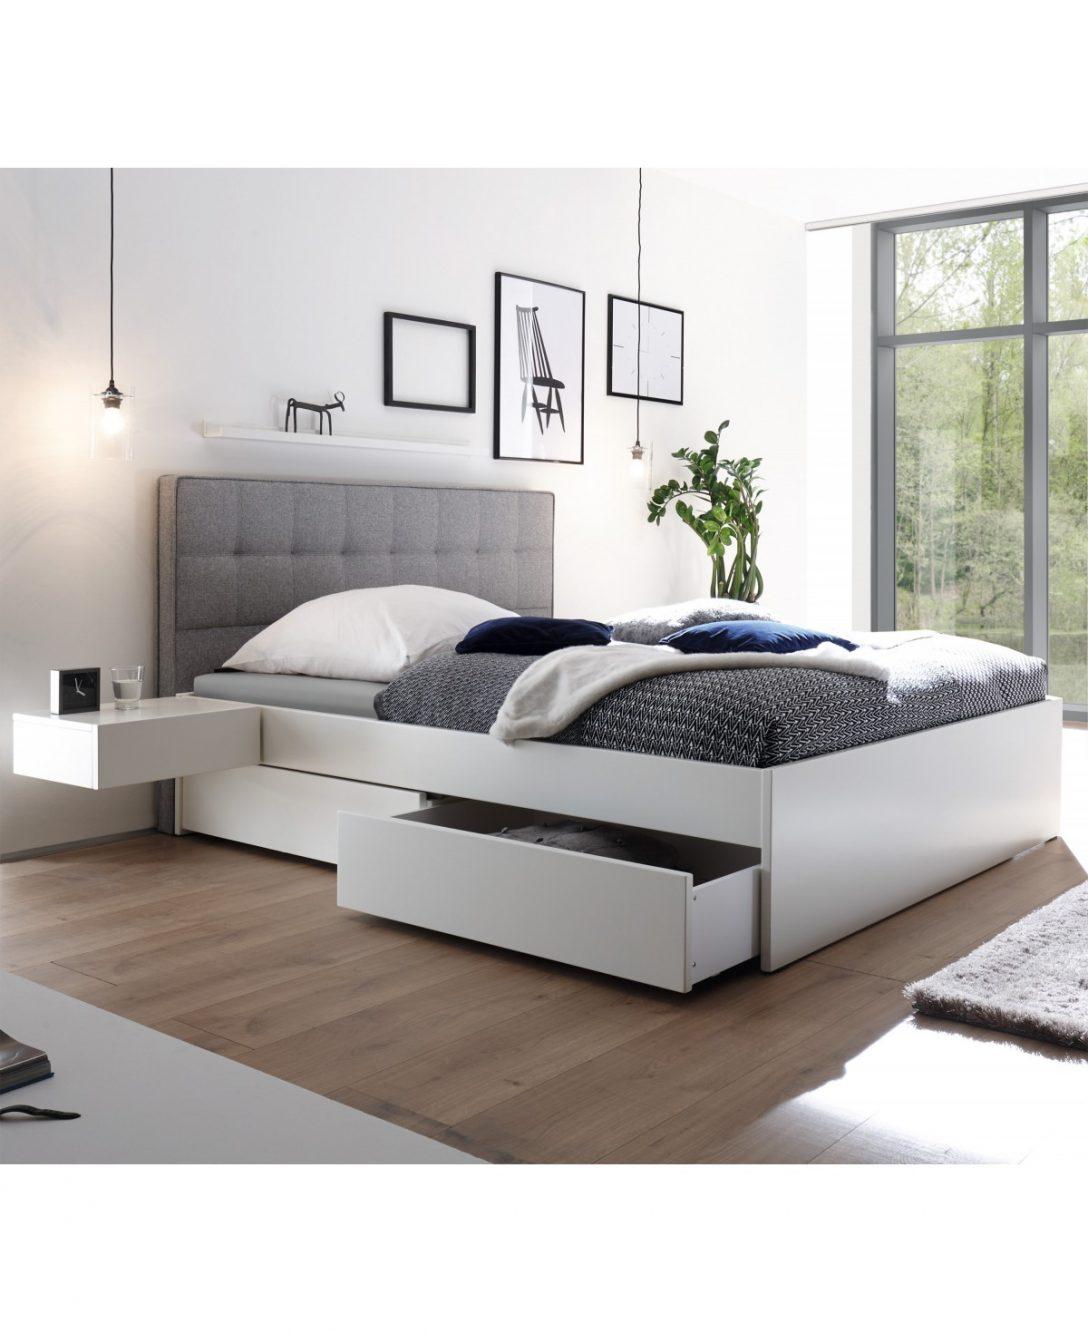 Large Size of Bett 200x200 Mit Bettkasten Halbhohes Lattenrost Betten München Hunde Barock 140 Mädchen Massiv Tempur Breit Aus Holz Modern Design Vintage Günstig Bett Bett Schlicht